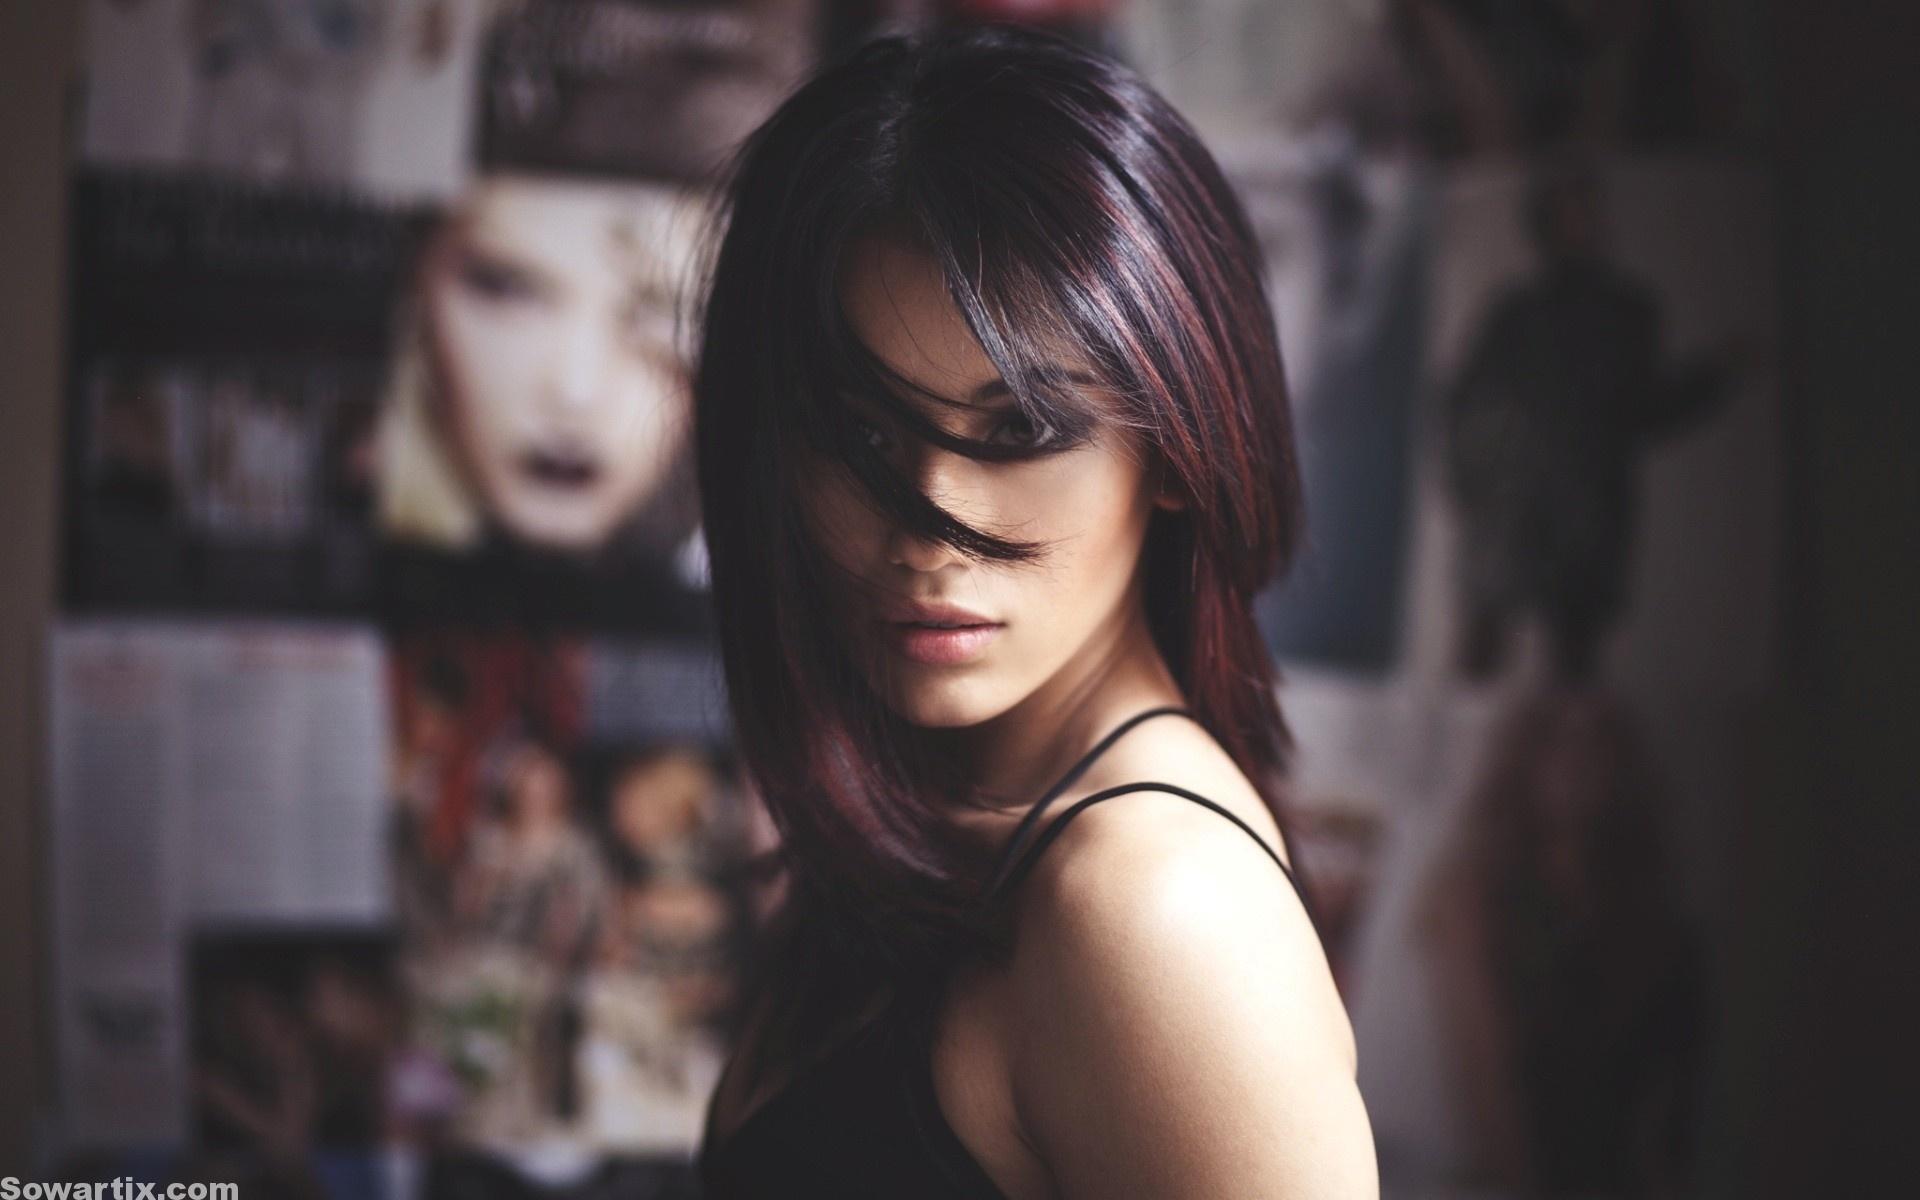 بالصور اجمل الصور الشخصيه فيس بوك بنات , اجدد خلفيات الصور للفيس بوك 10438 11